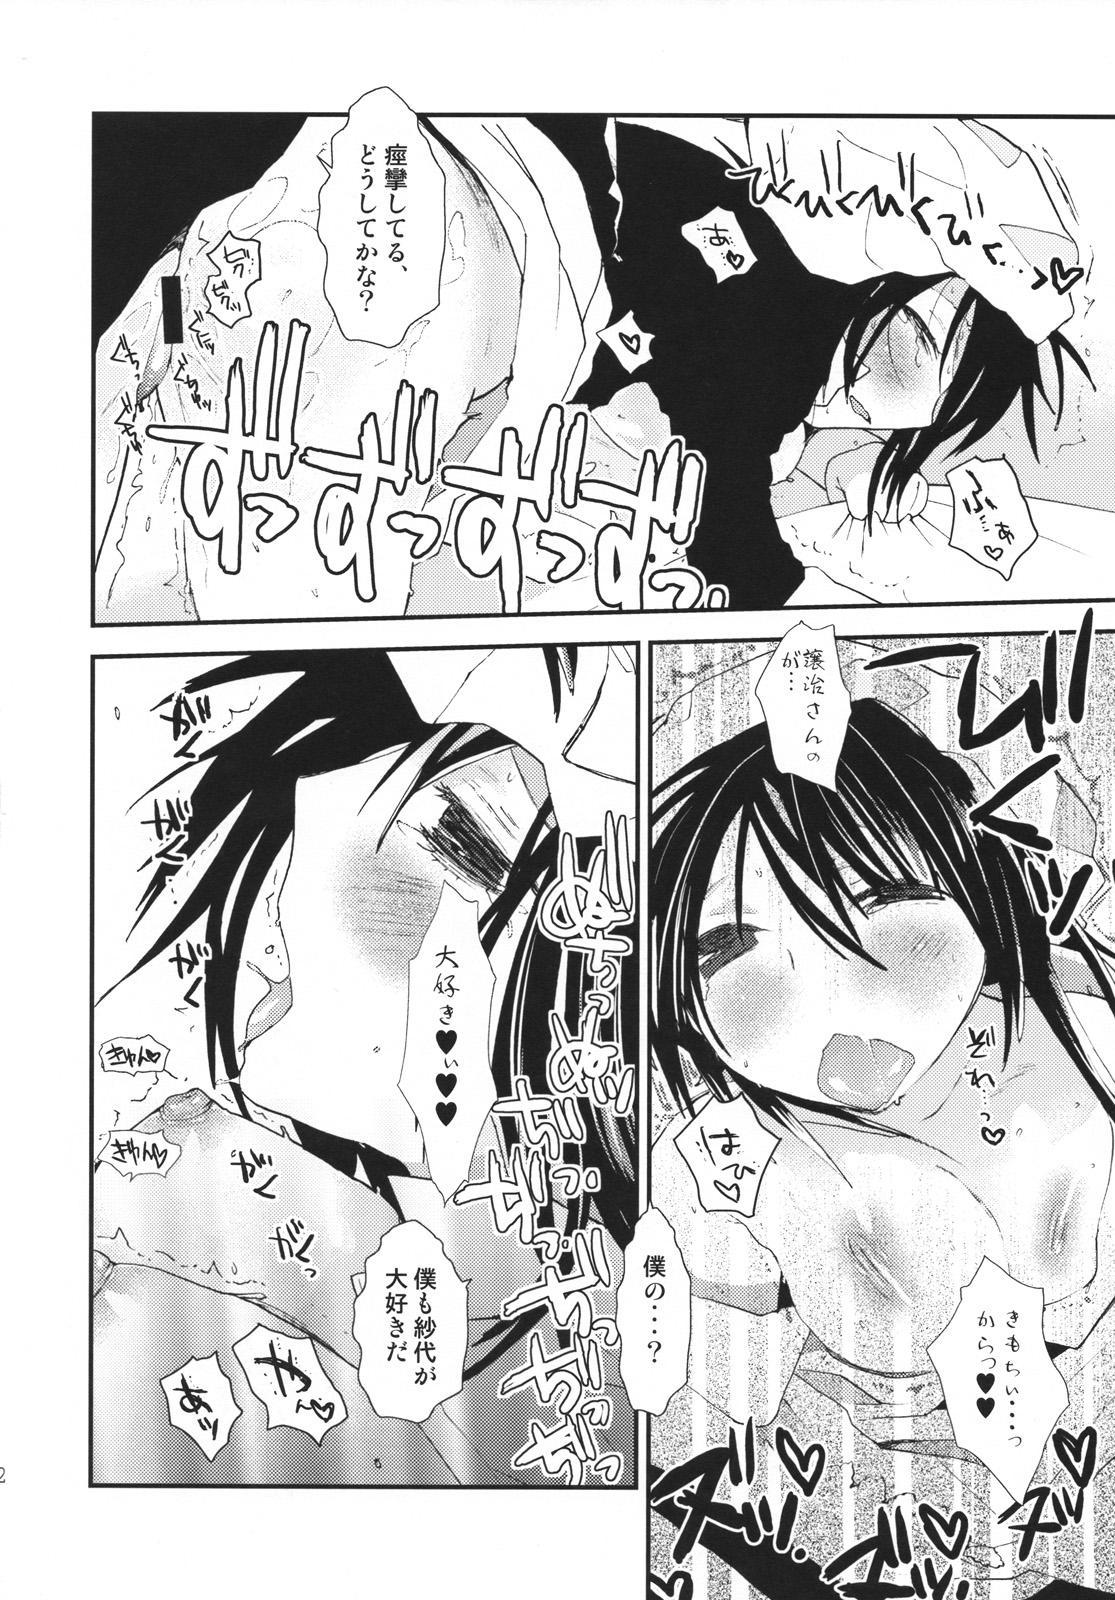 Umineko sono higurashi 10